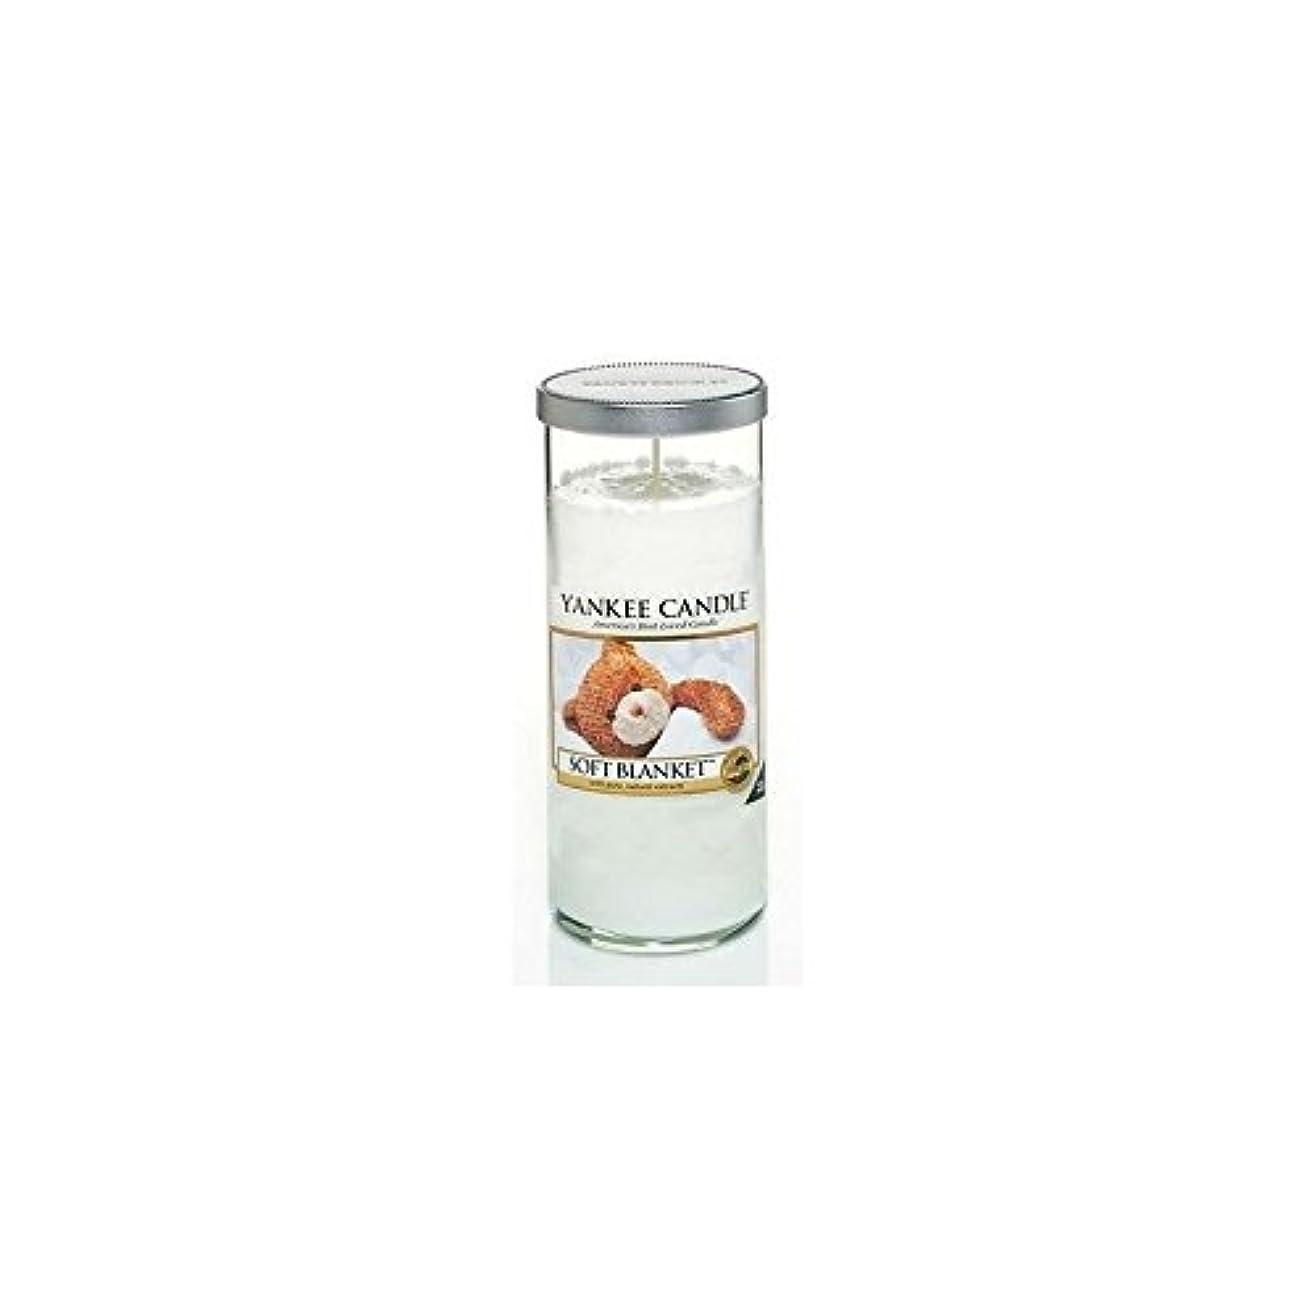 目的間違っている読書Yankee Candles Large Pillar Candle - Soft Blanket (Pack of 2) - ヤンキーキャンドル大きな柱キャンドル - ソフト毛布 (x2) [並行輸入品]